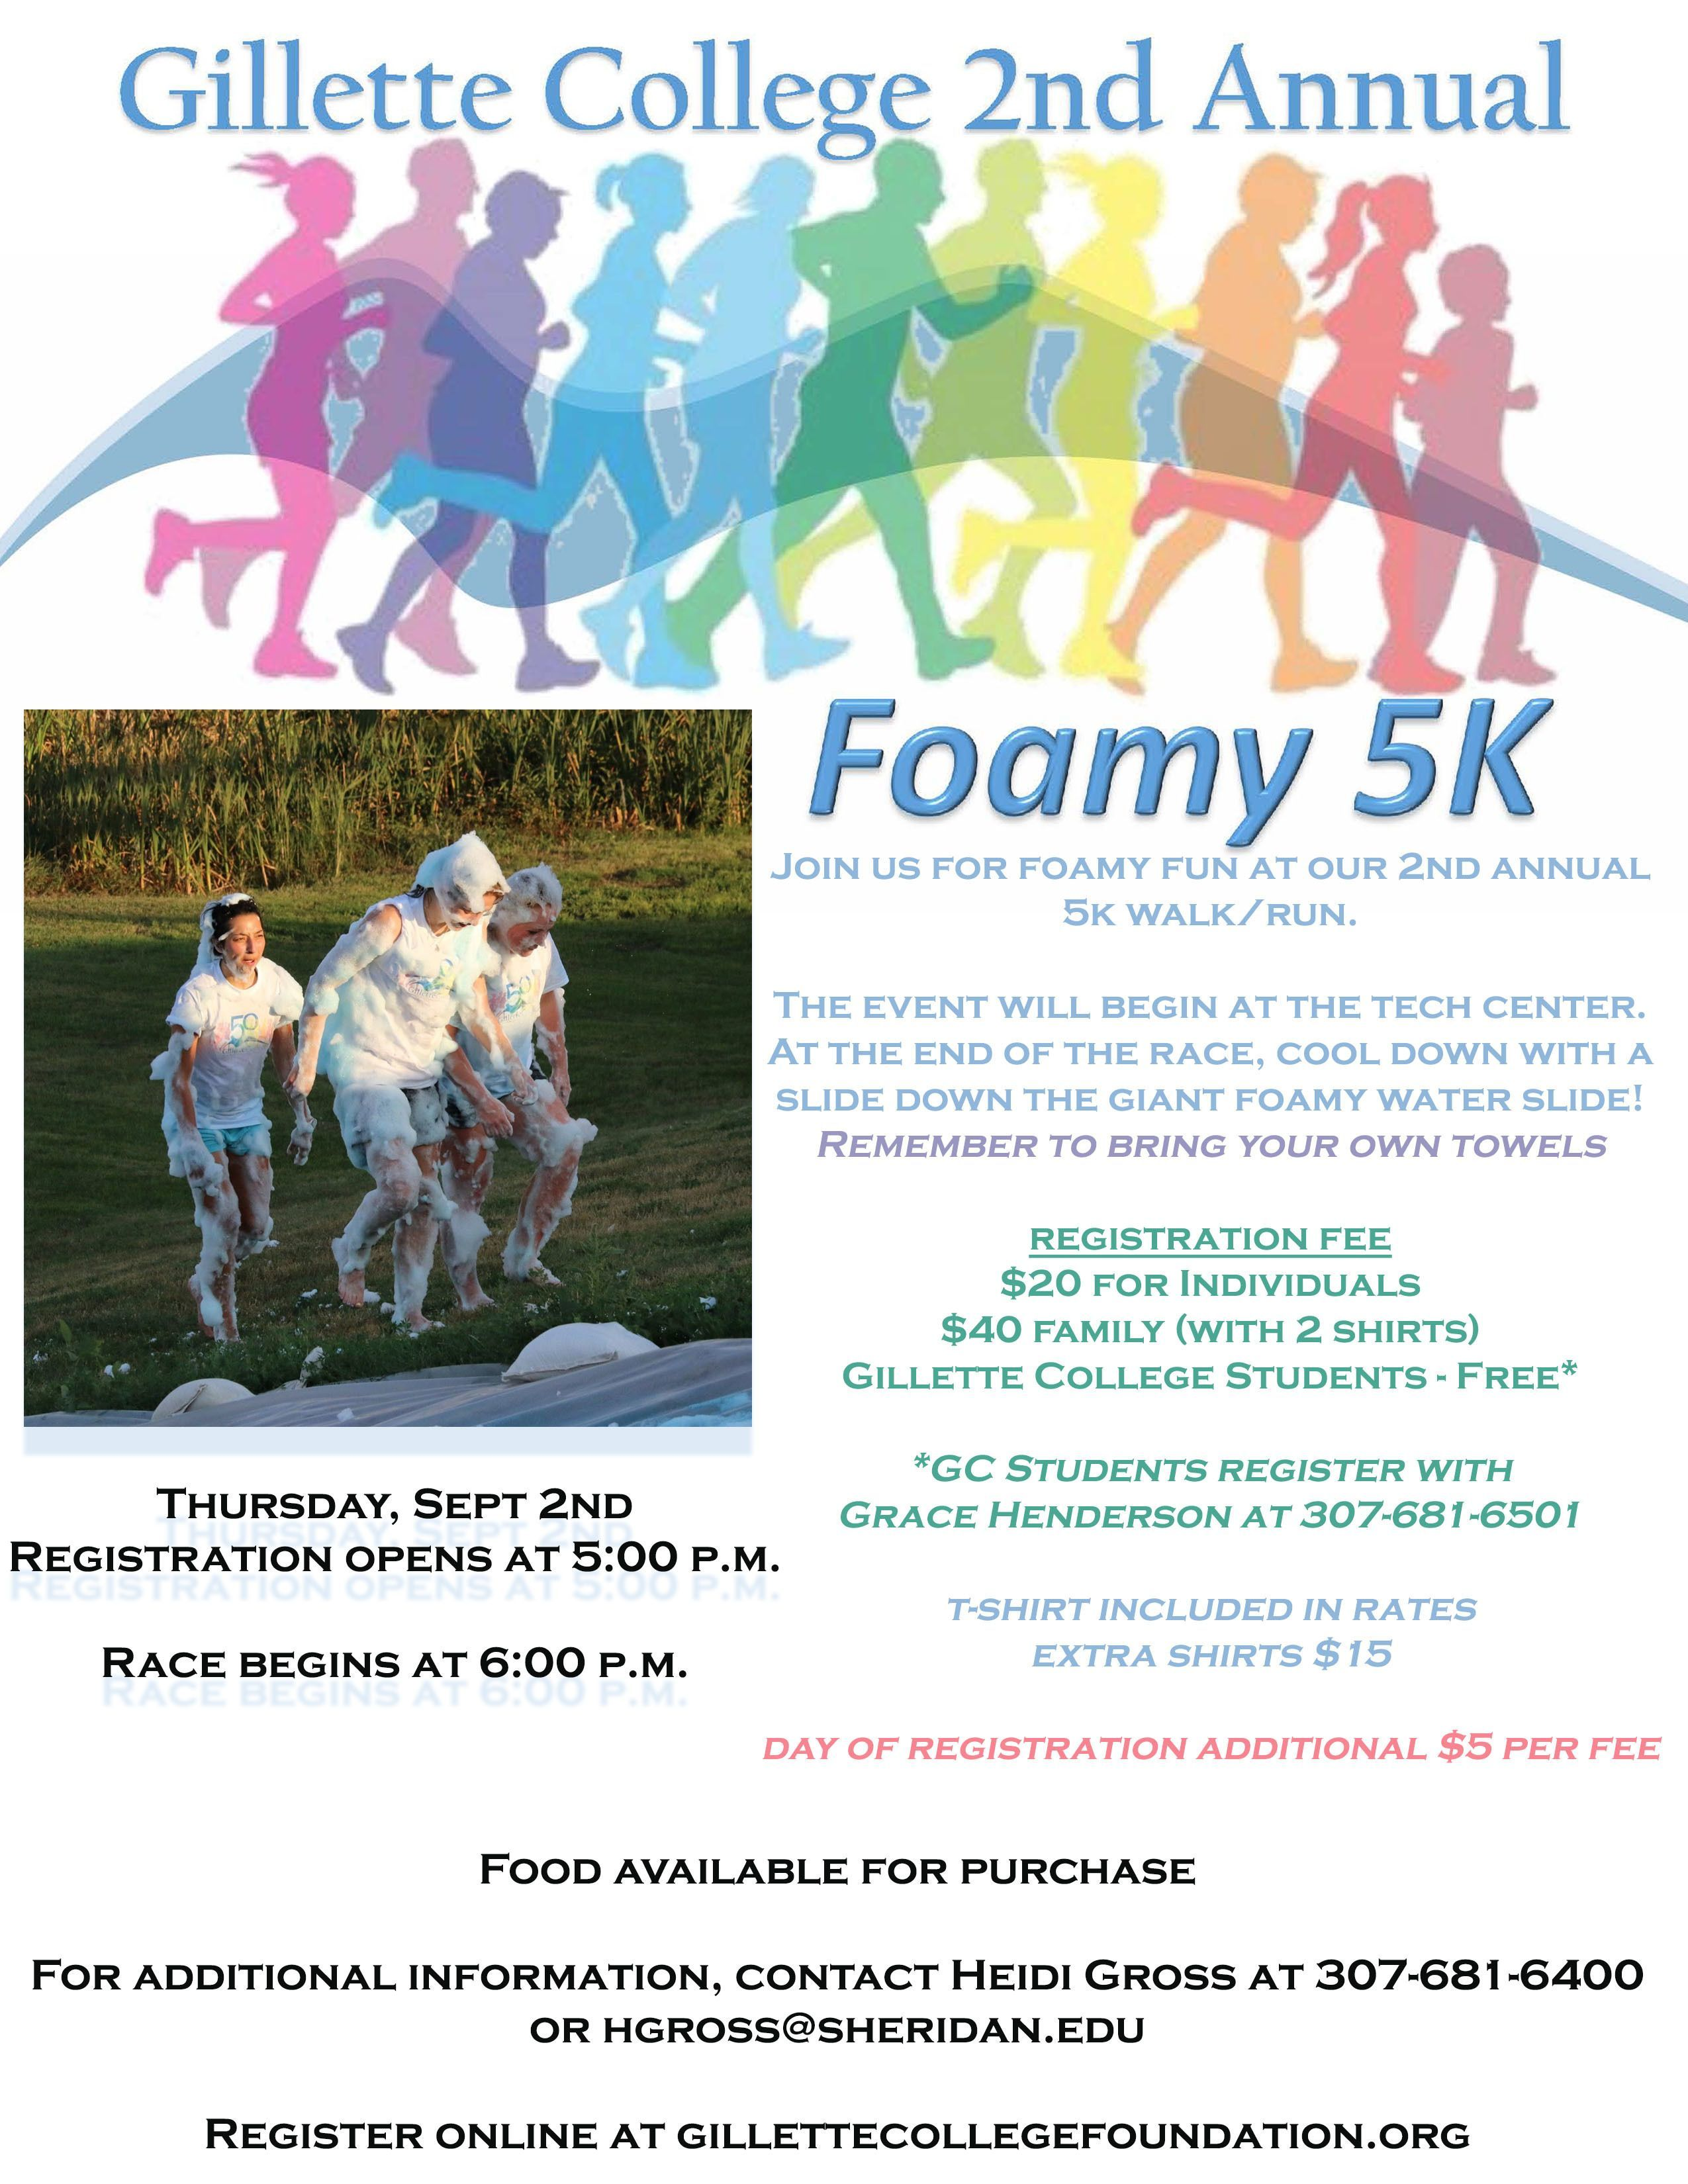 Foamy 5K